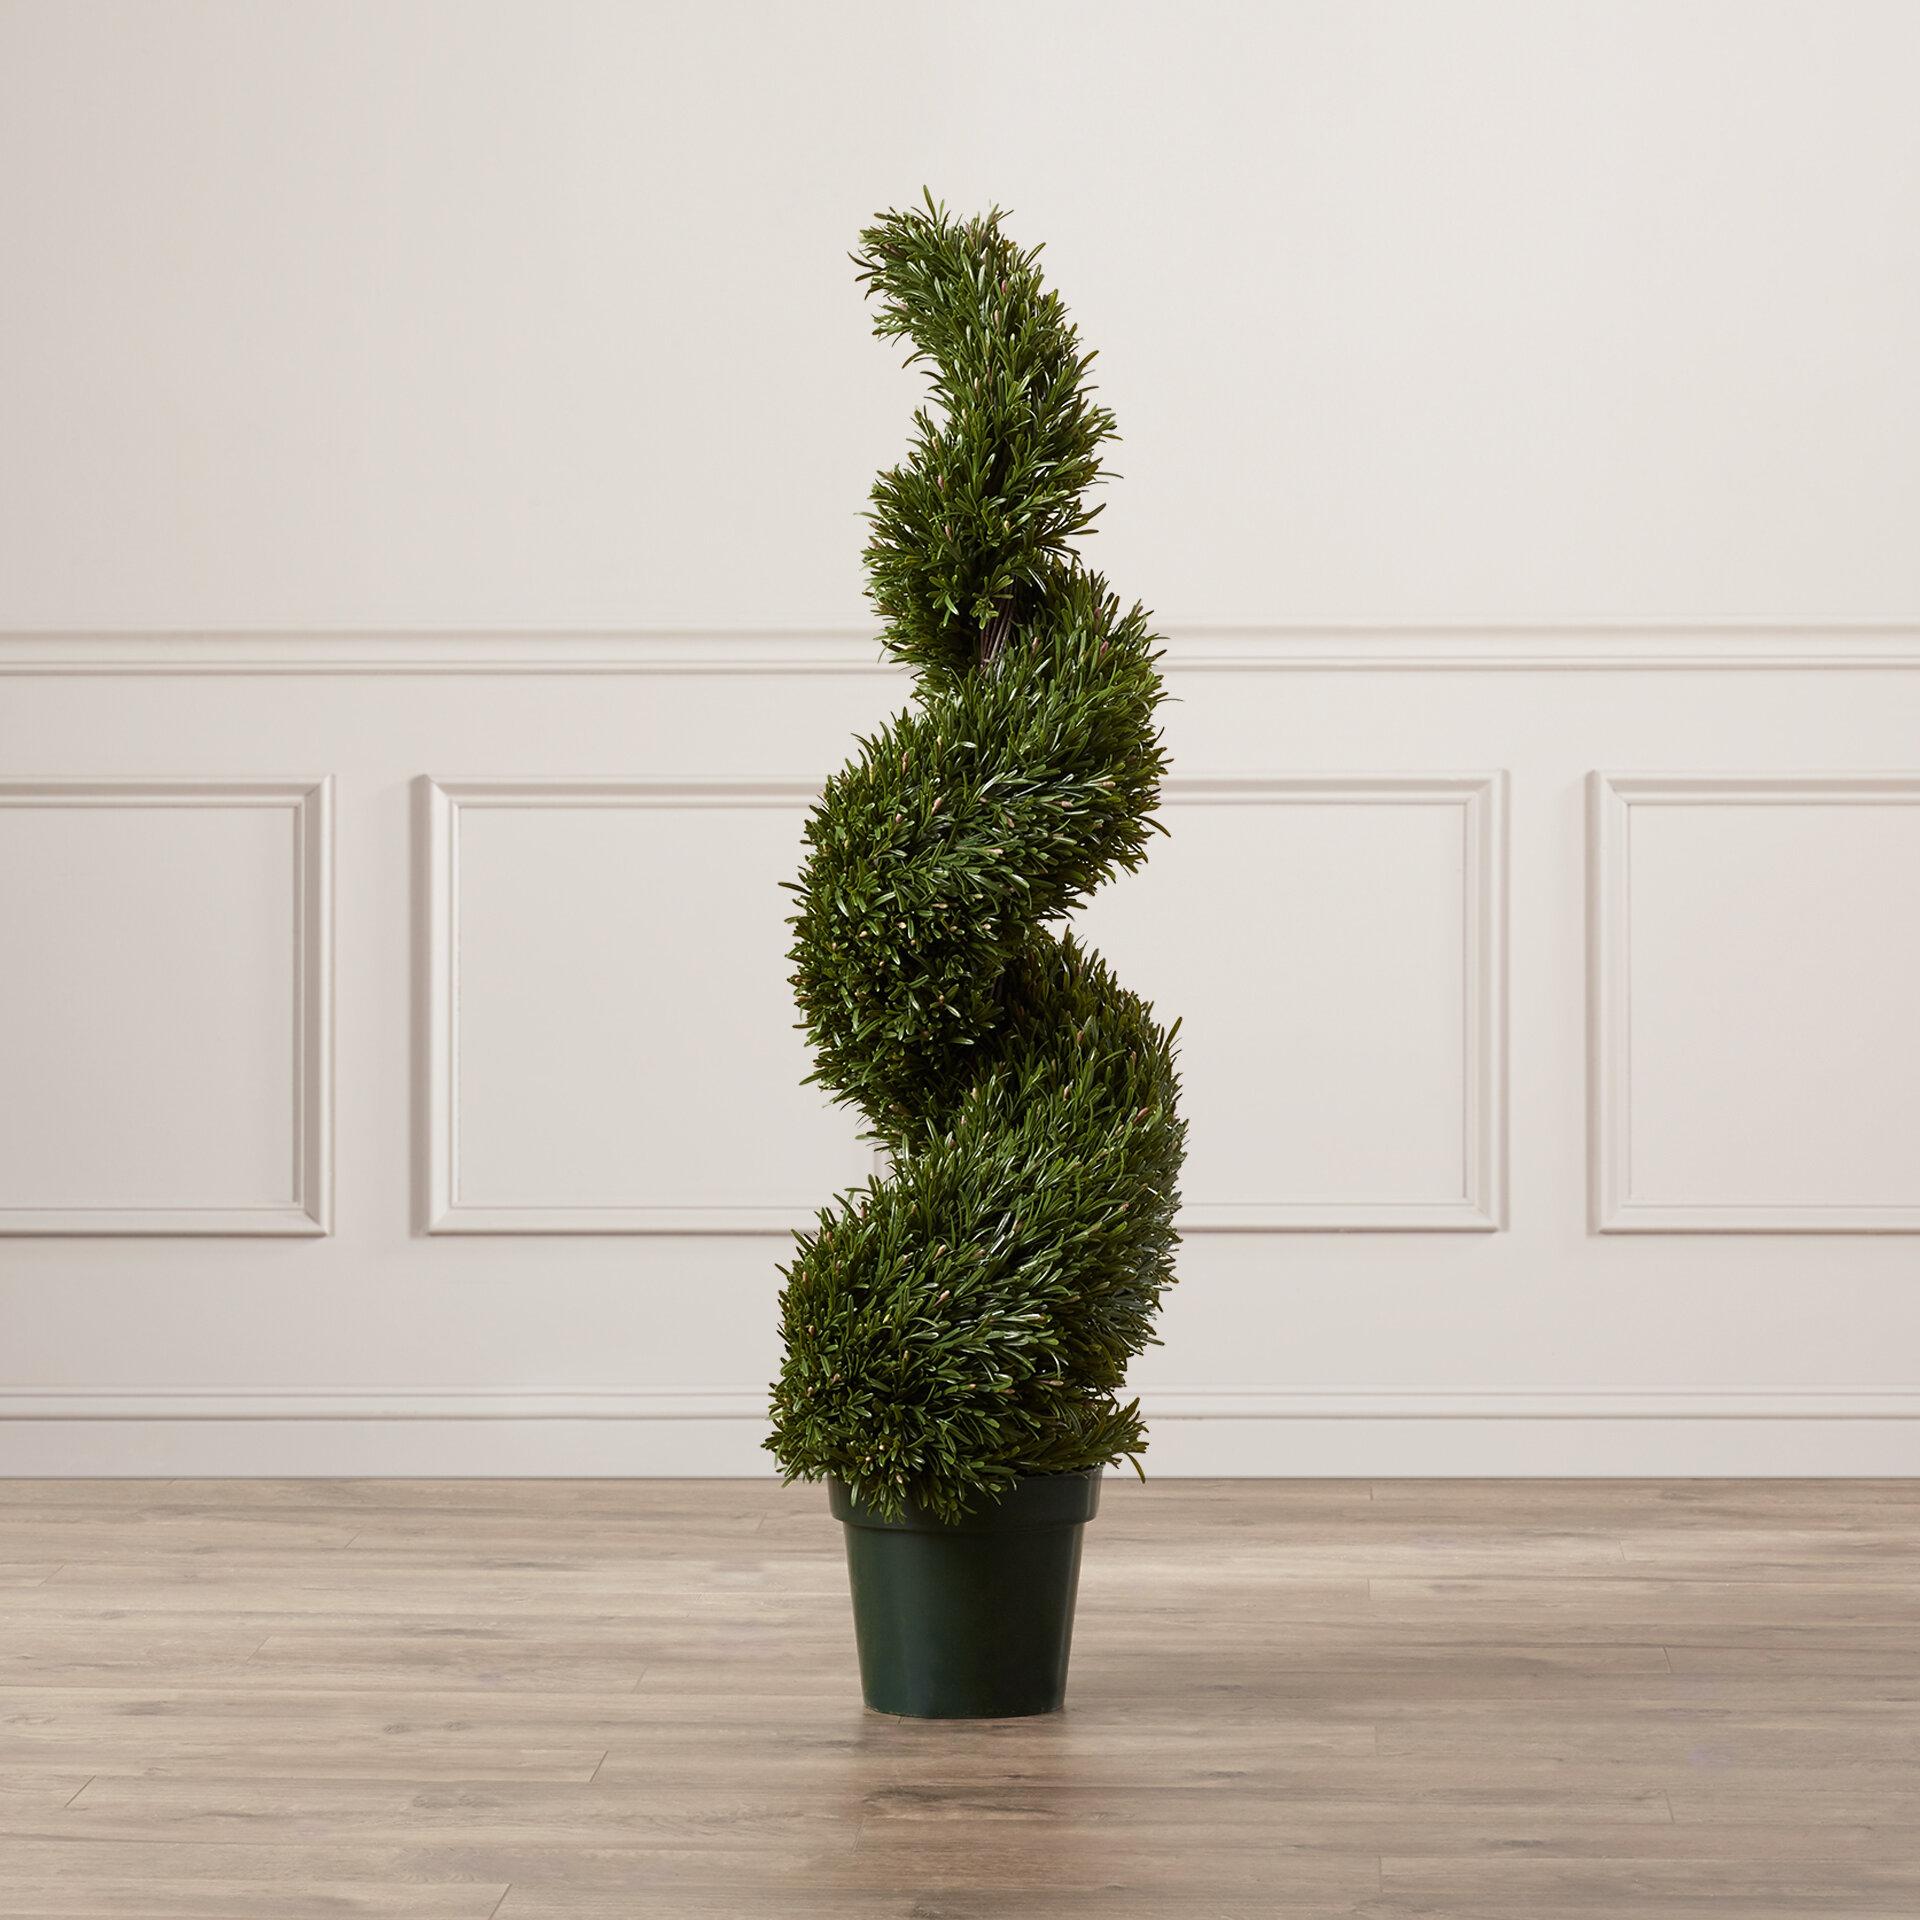 Rosemary Artificial Cedar Topiary In Pot Reviews Joss Main